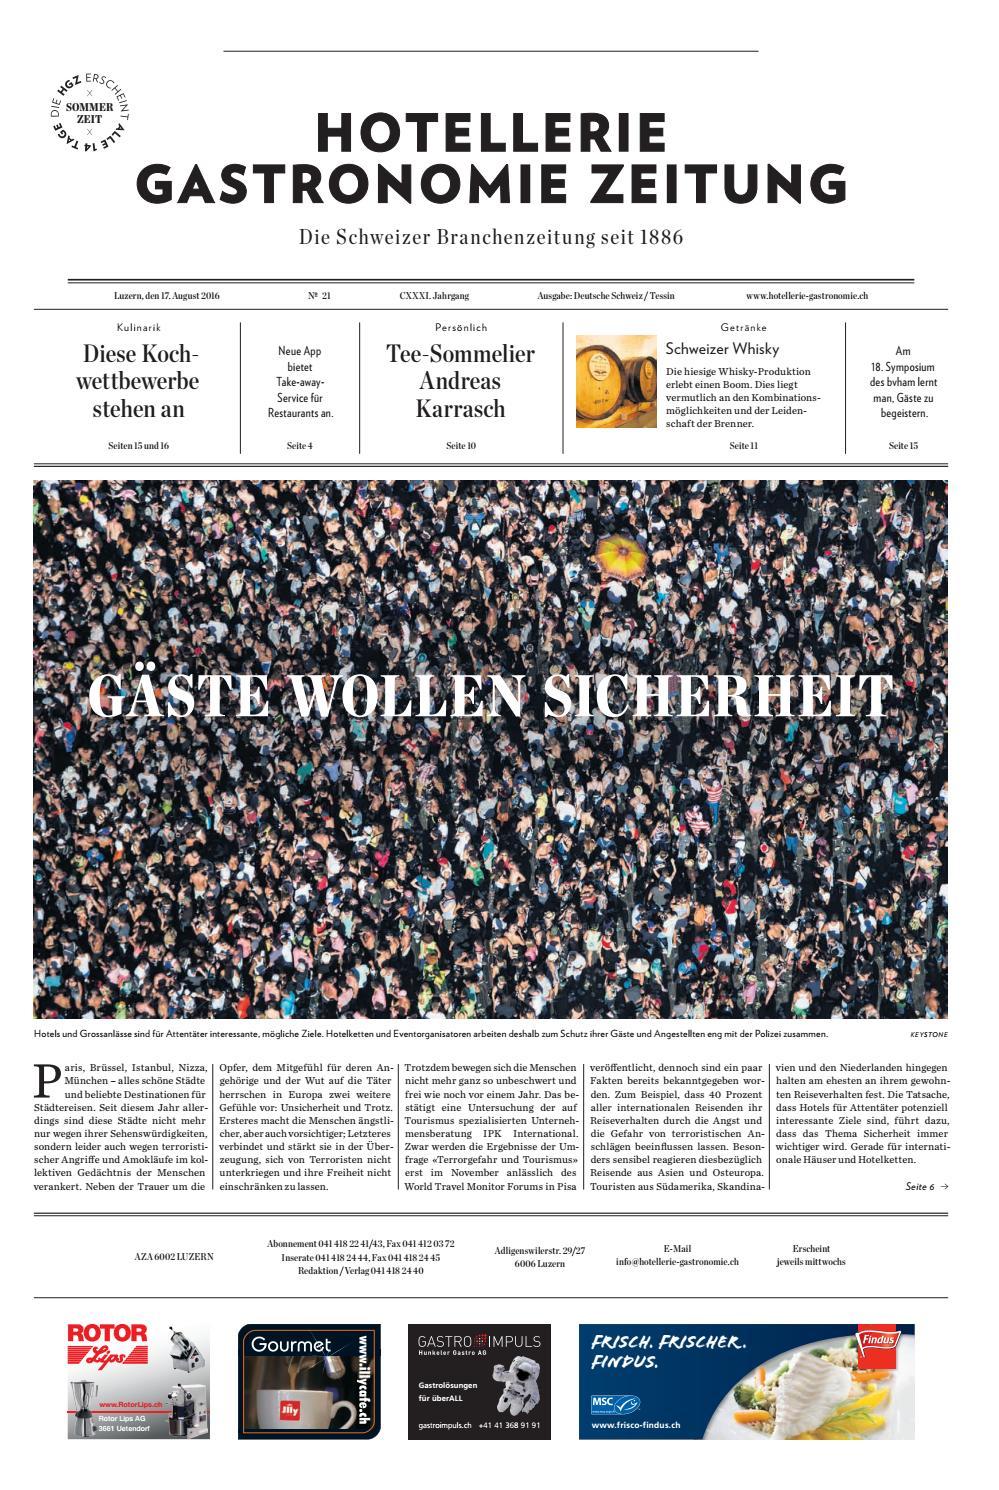 HG-Zeitung 21/2016 by Hotellerie_Gastronomie_Verlag - issuu